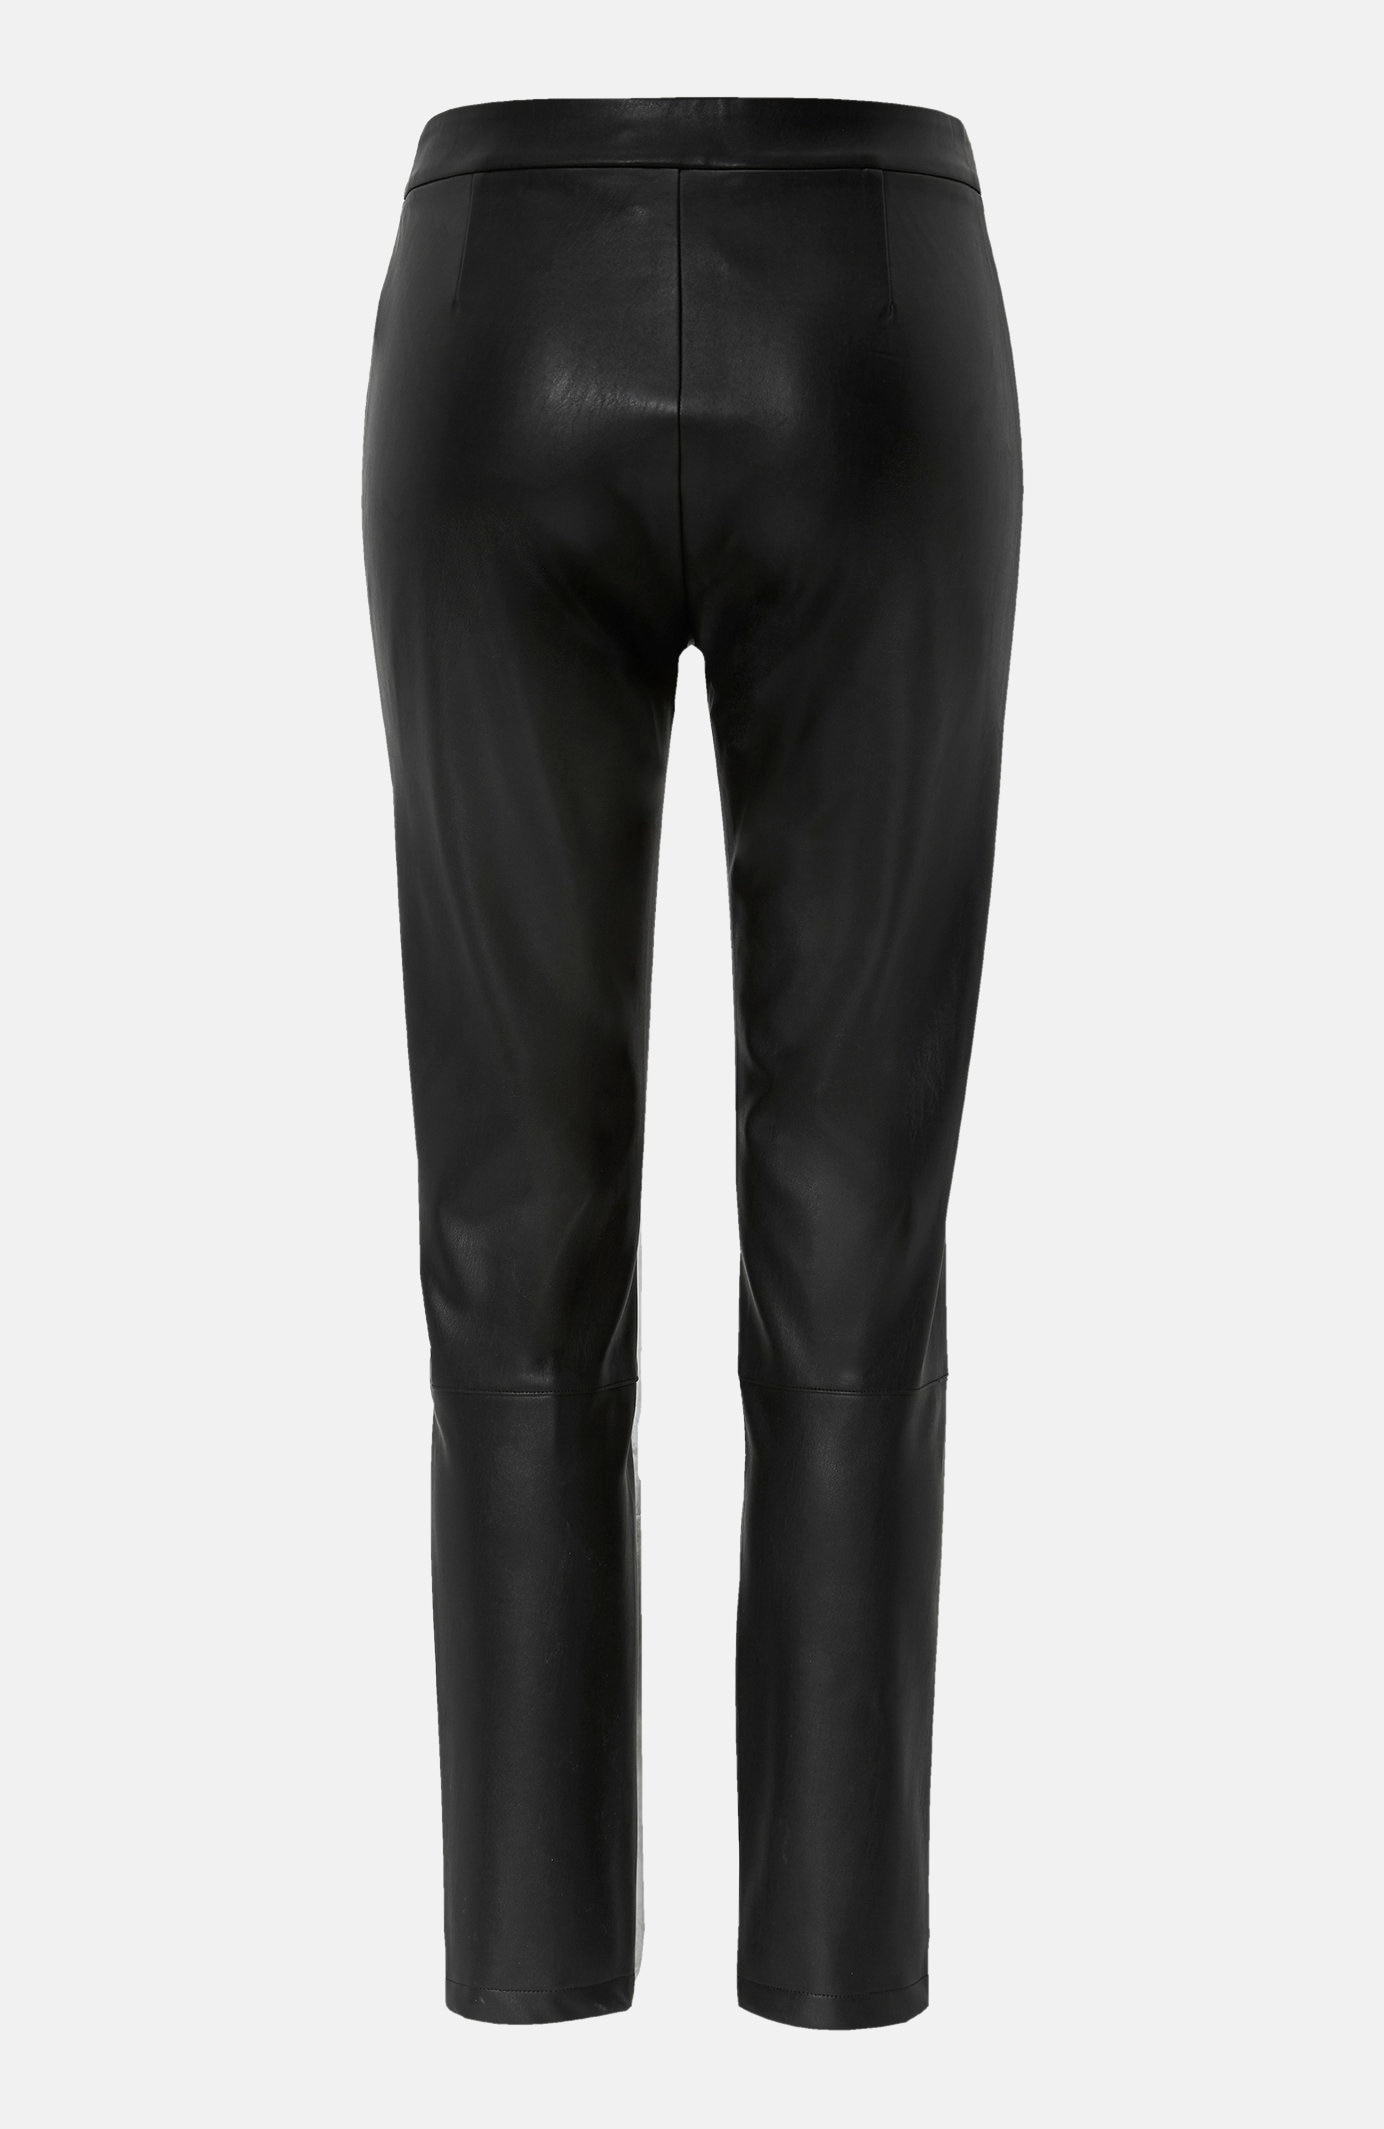 Bukse i imitert skinn